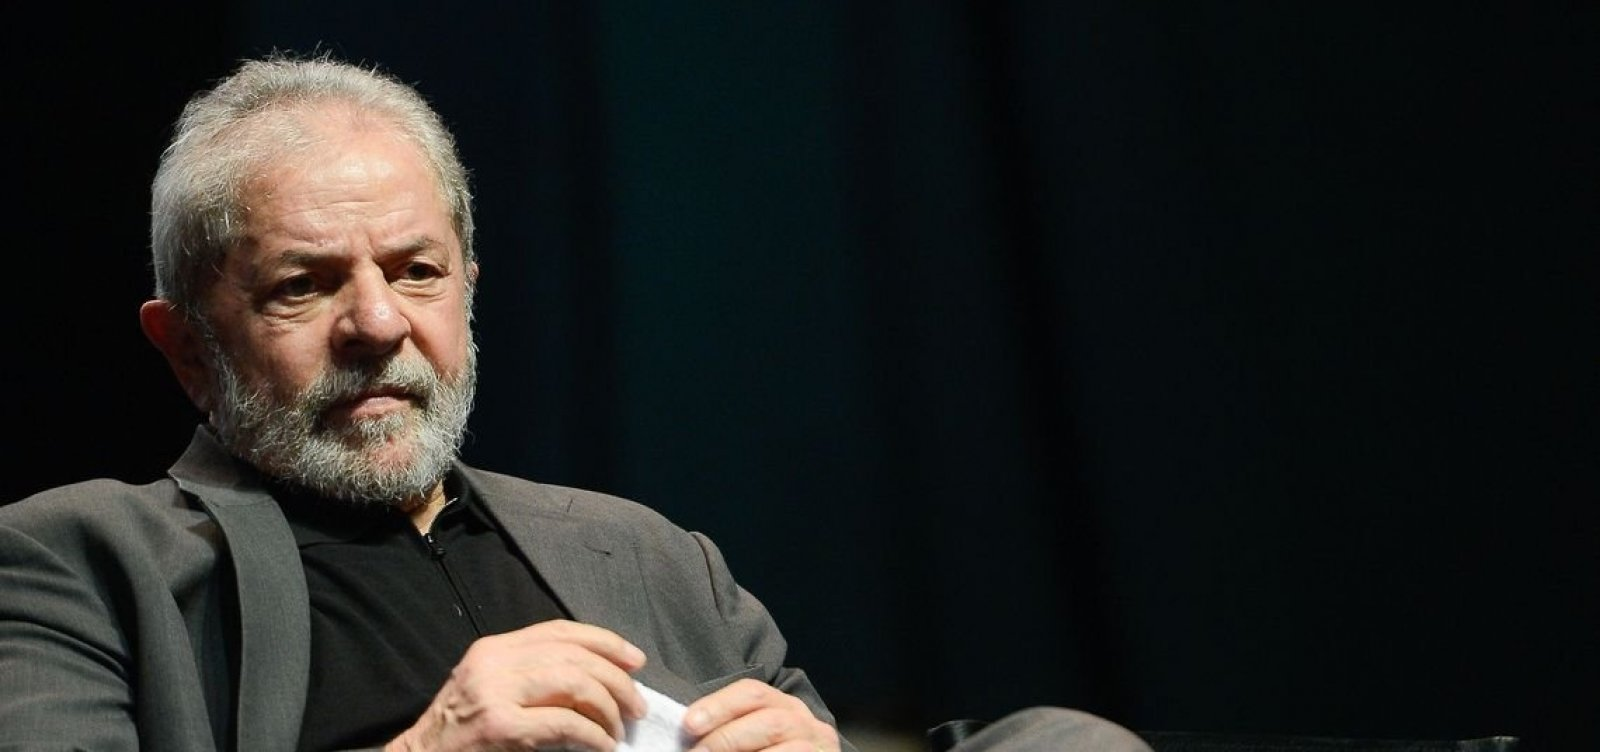 Defesa de Lula diz que pedido para anular condenação é 'tentativa de manipular a verdade'